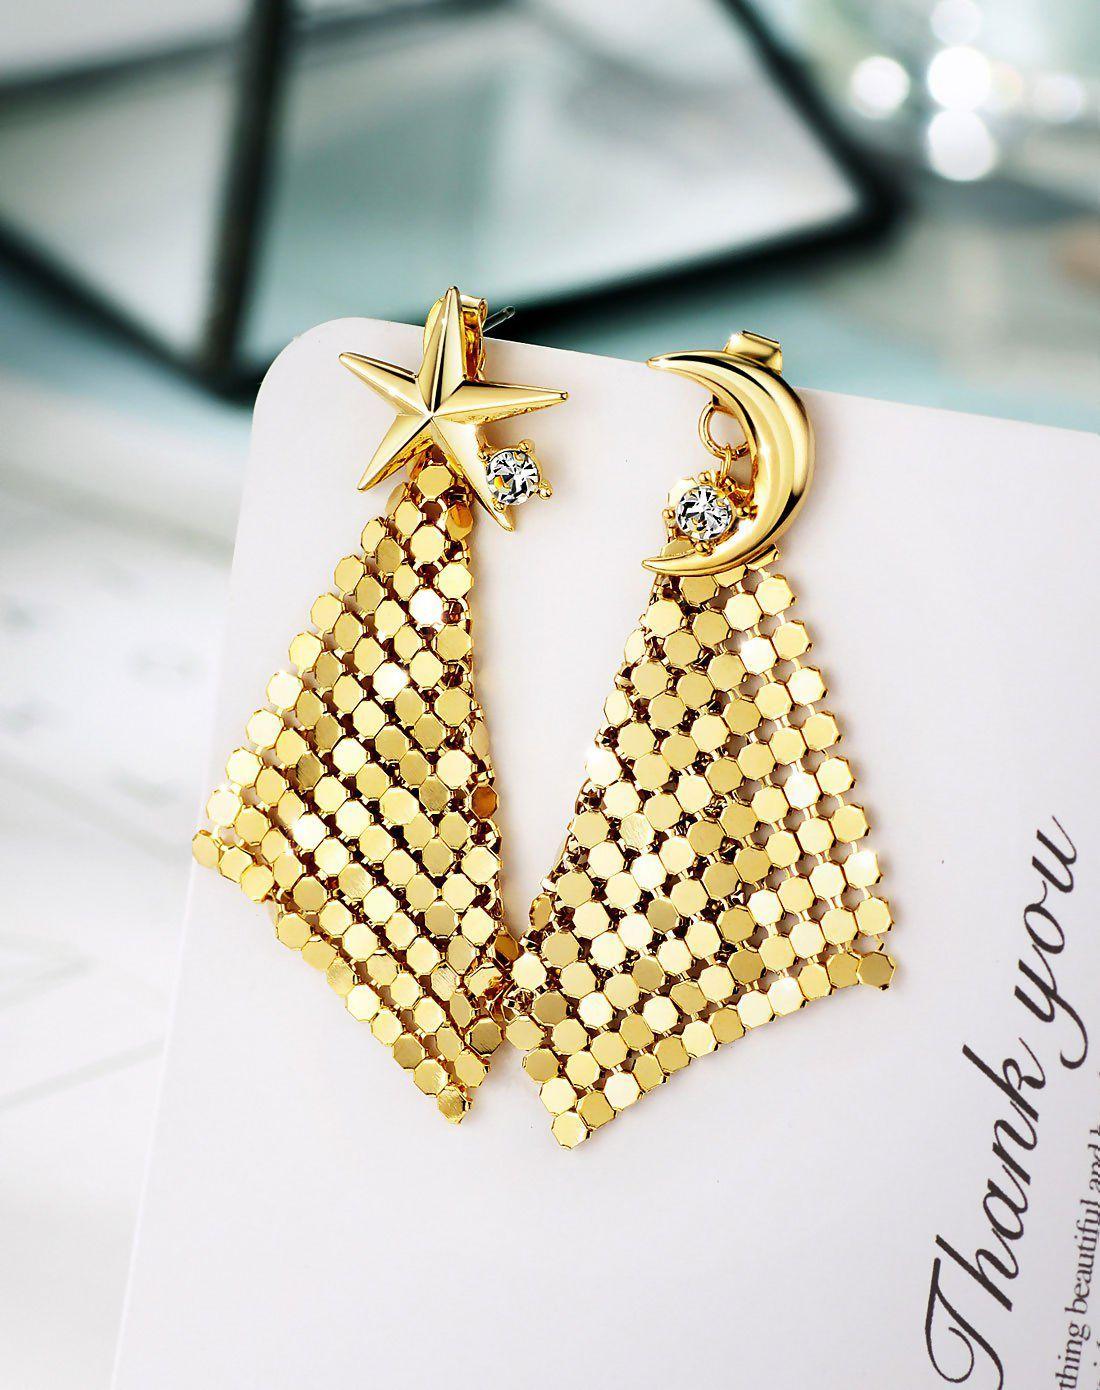 Gold Inside Out Cubic Zirconia Chandelier Earrings | Chandelier ...